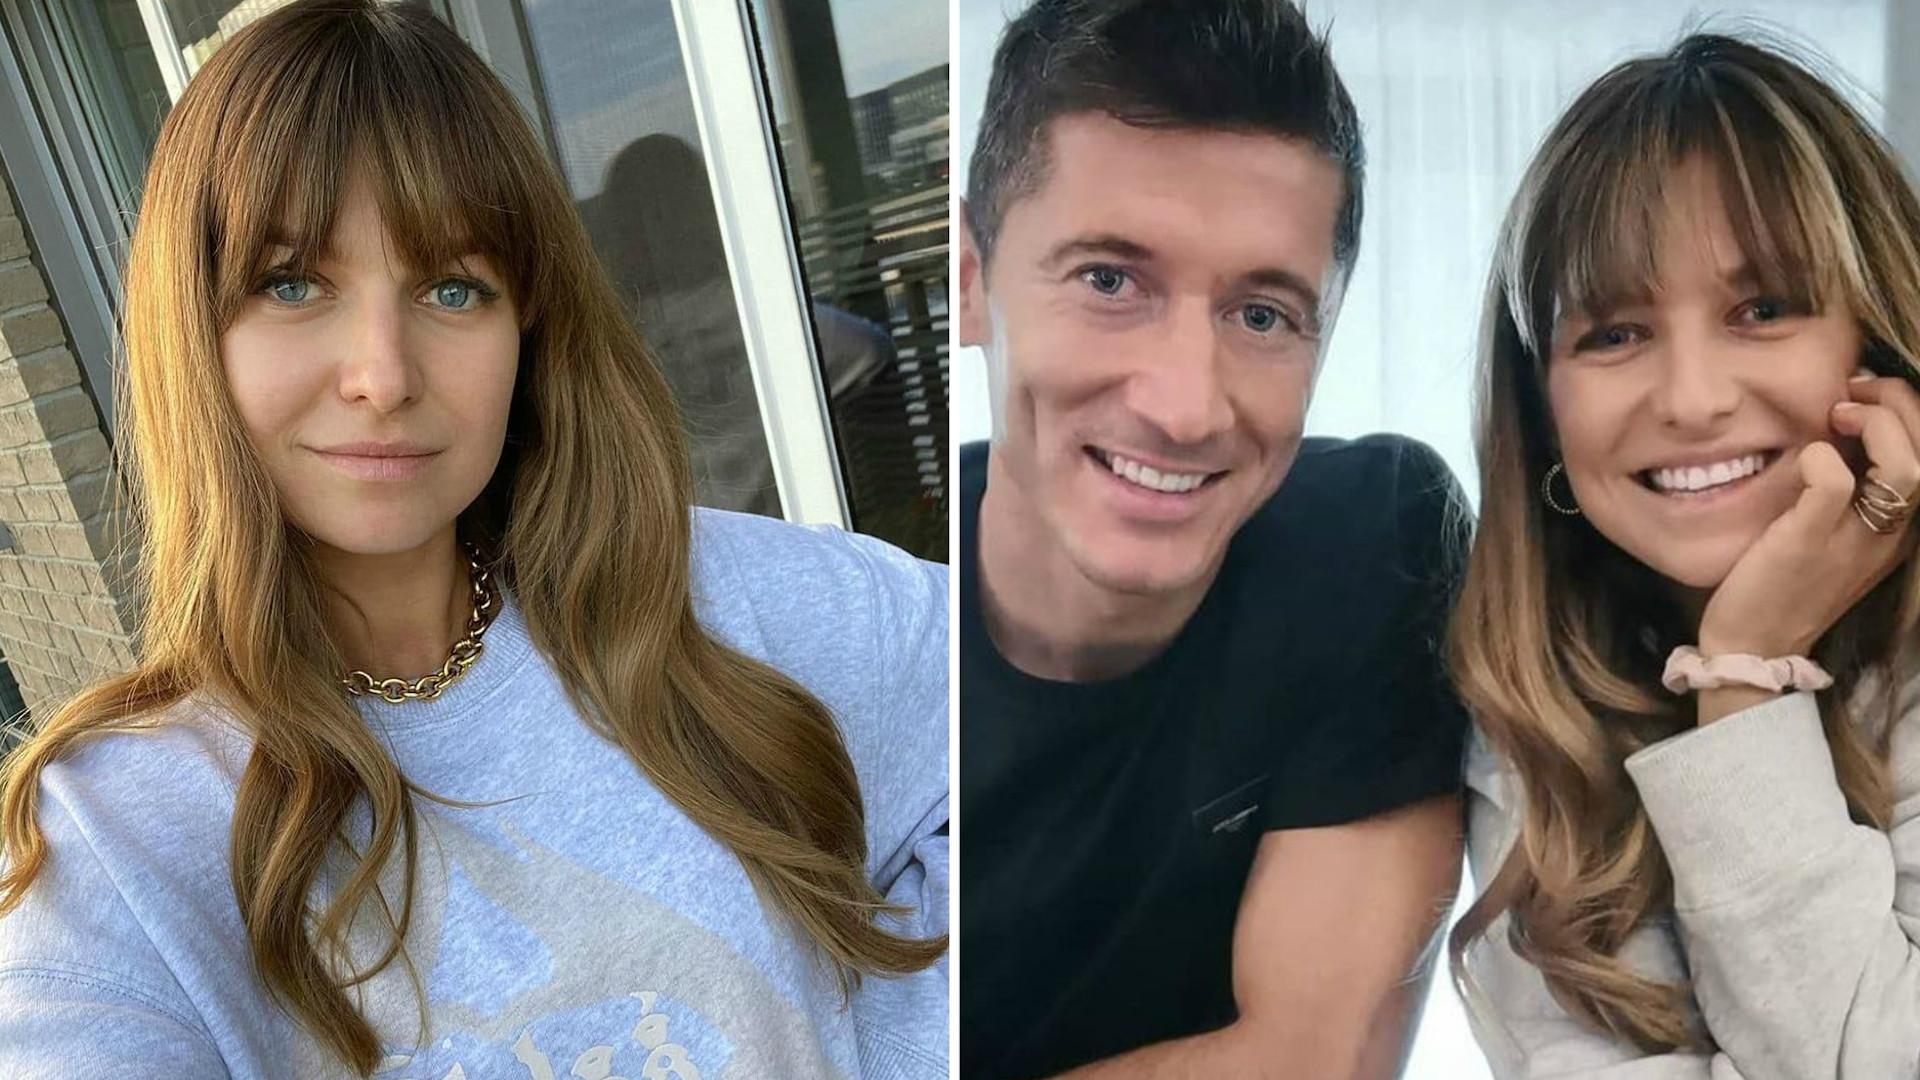 Zdjęcie Anny Lewandowskiej wywołało poruszenie: Będzie Pani miała trzecie dziecko?